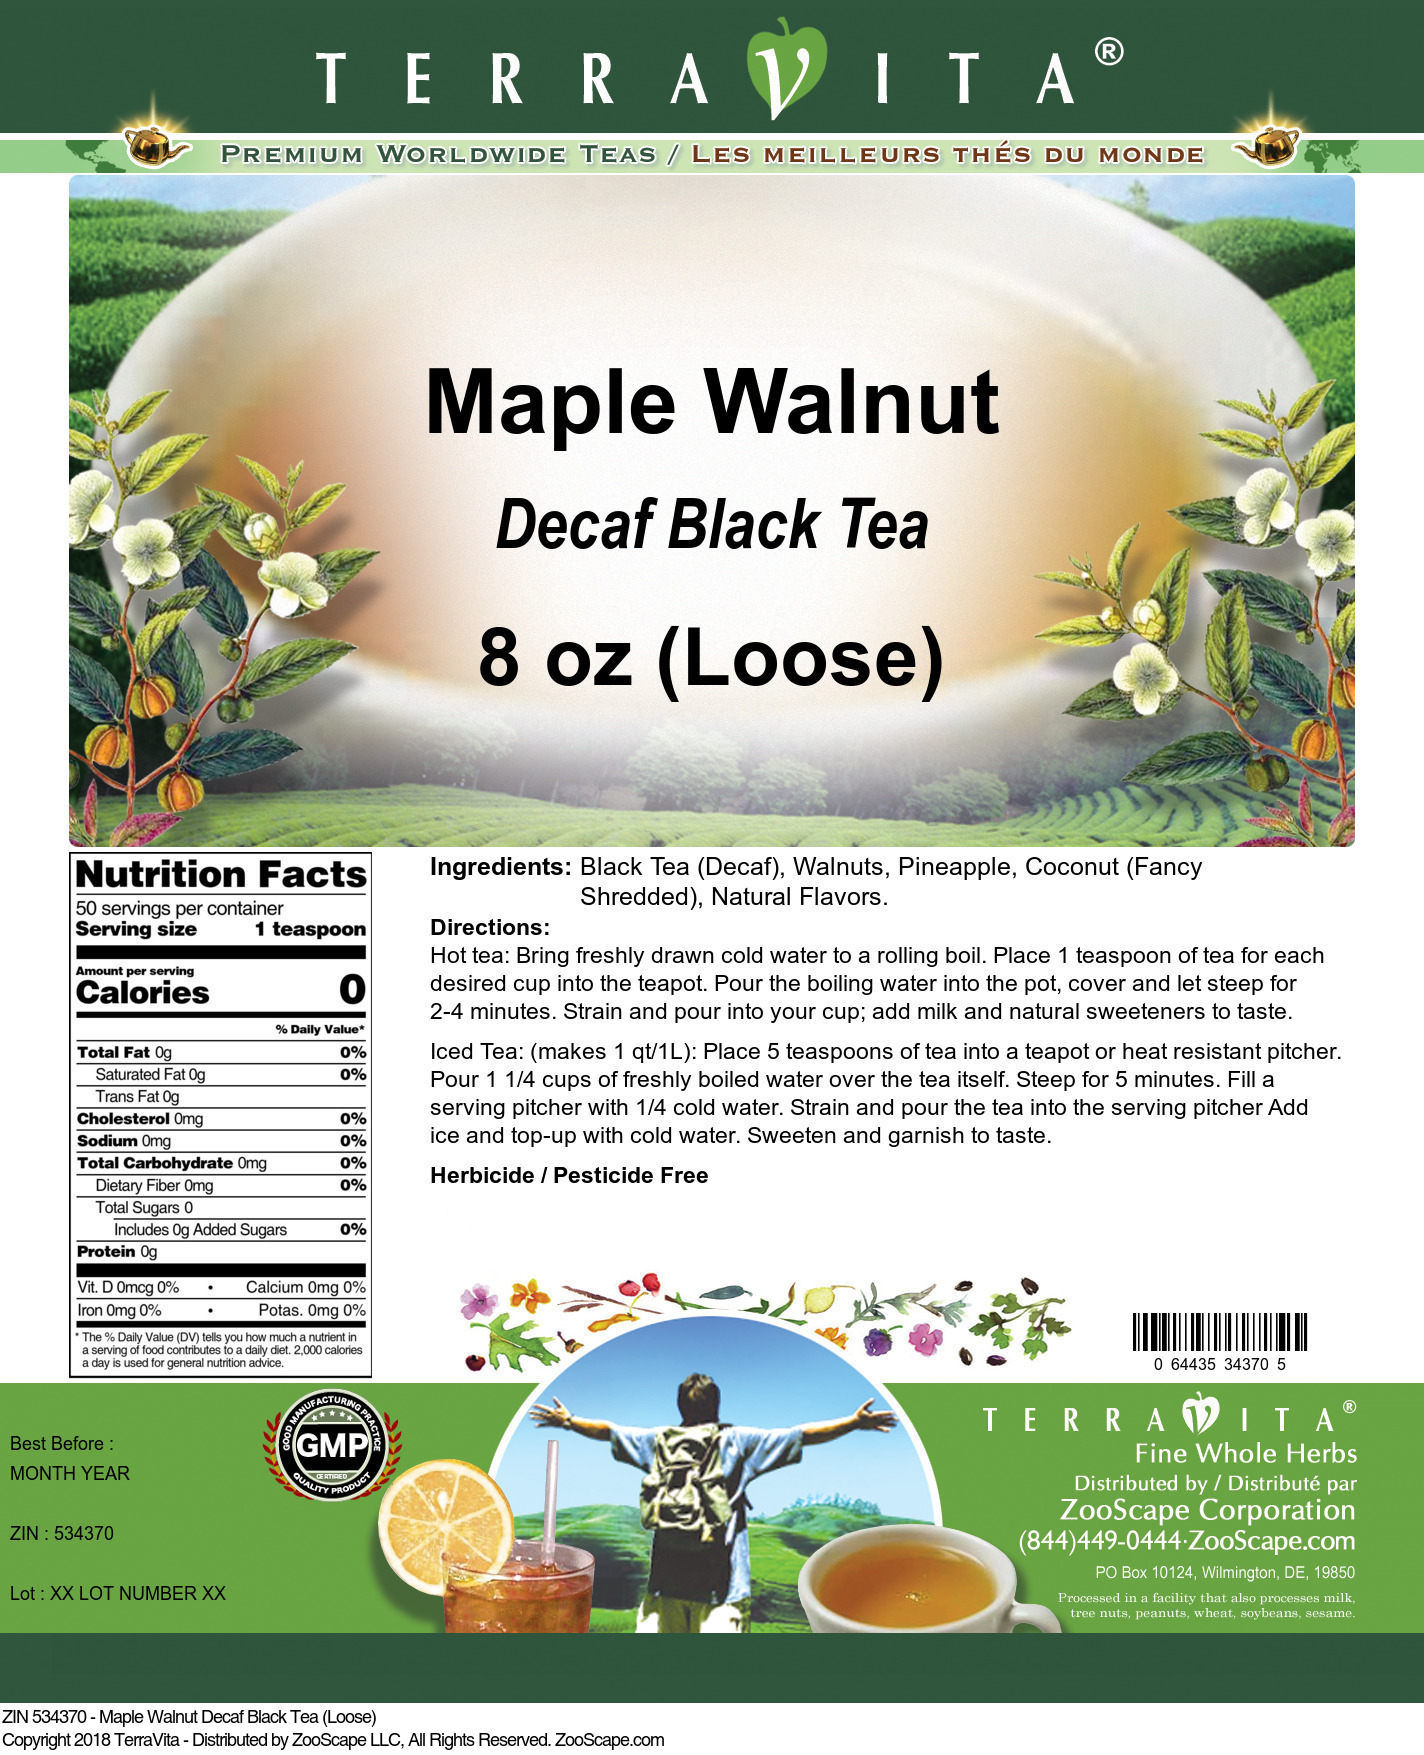 Maple Walnut Decaf Black Tea (Loose)